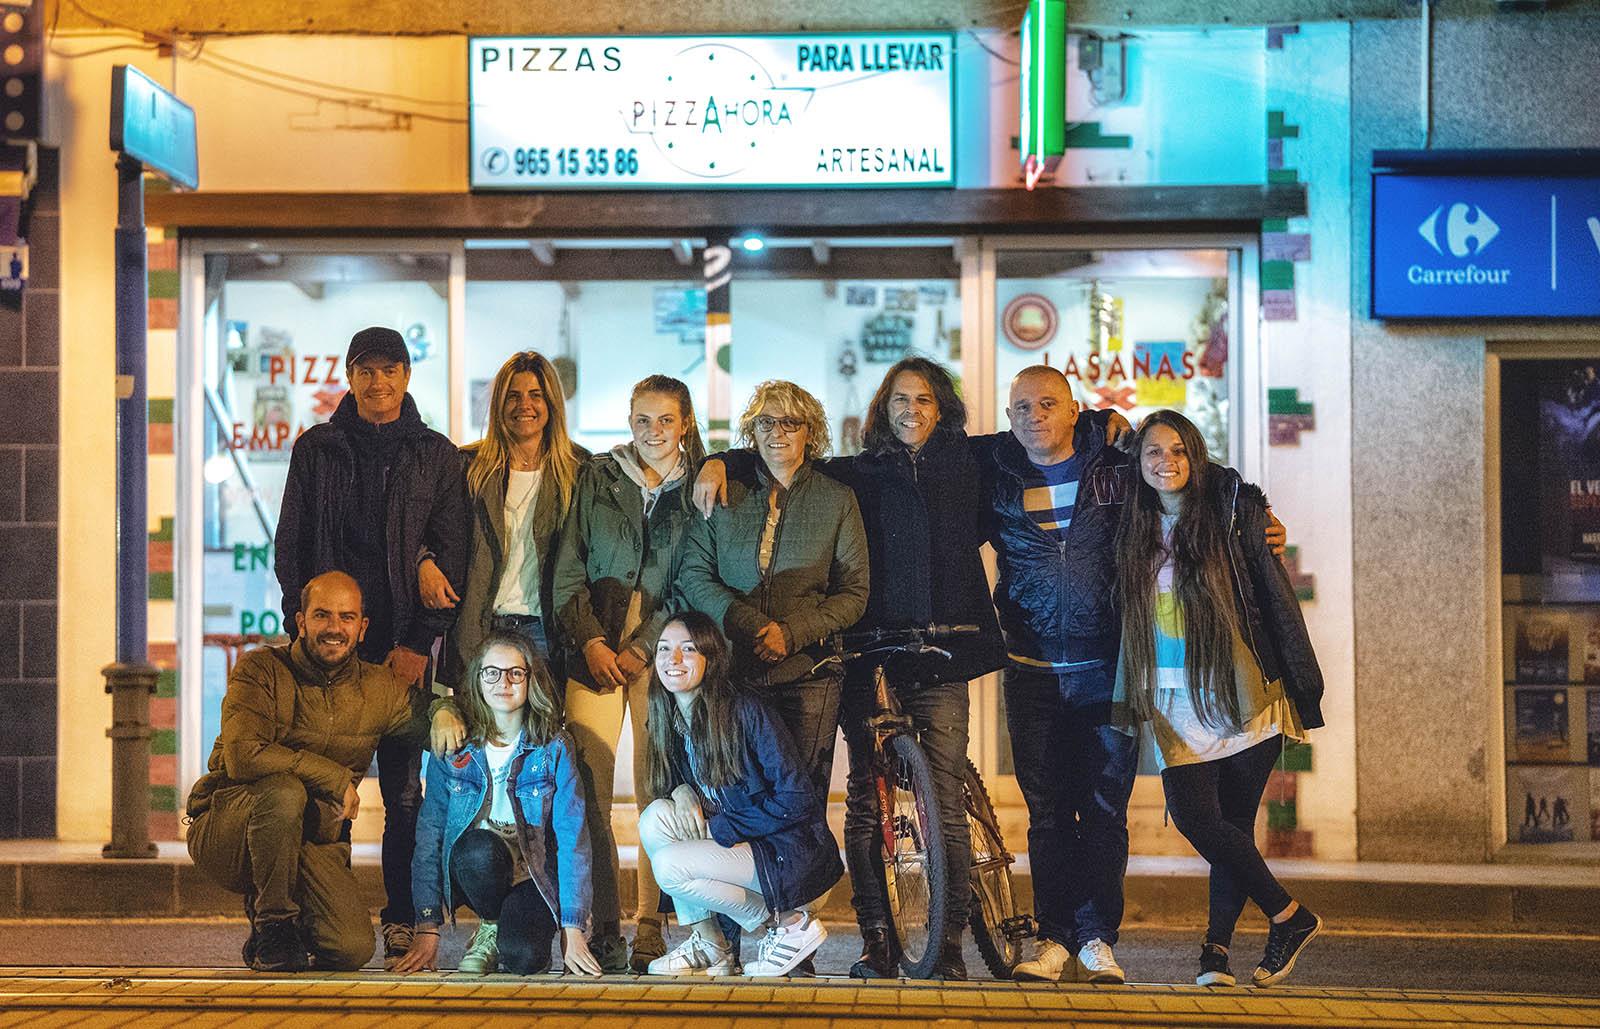 Pizzahora